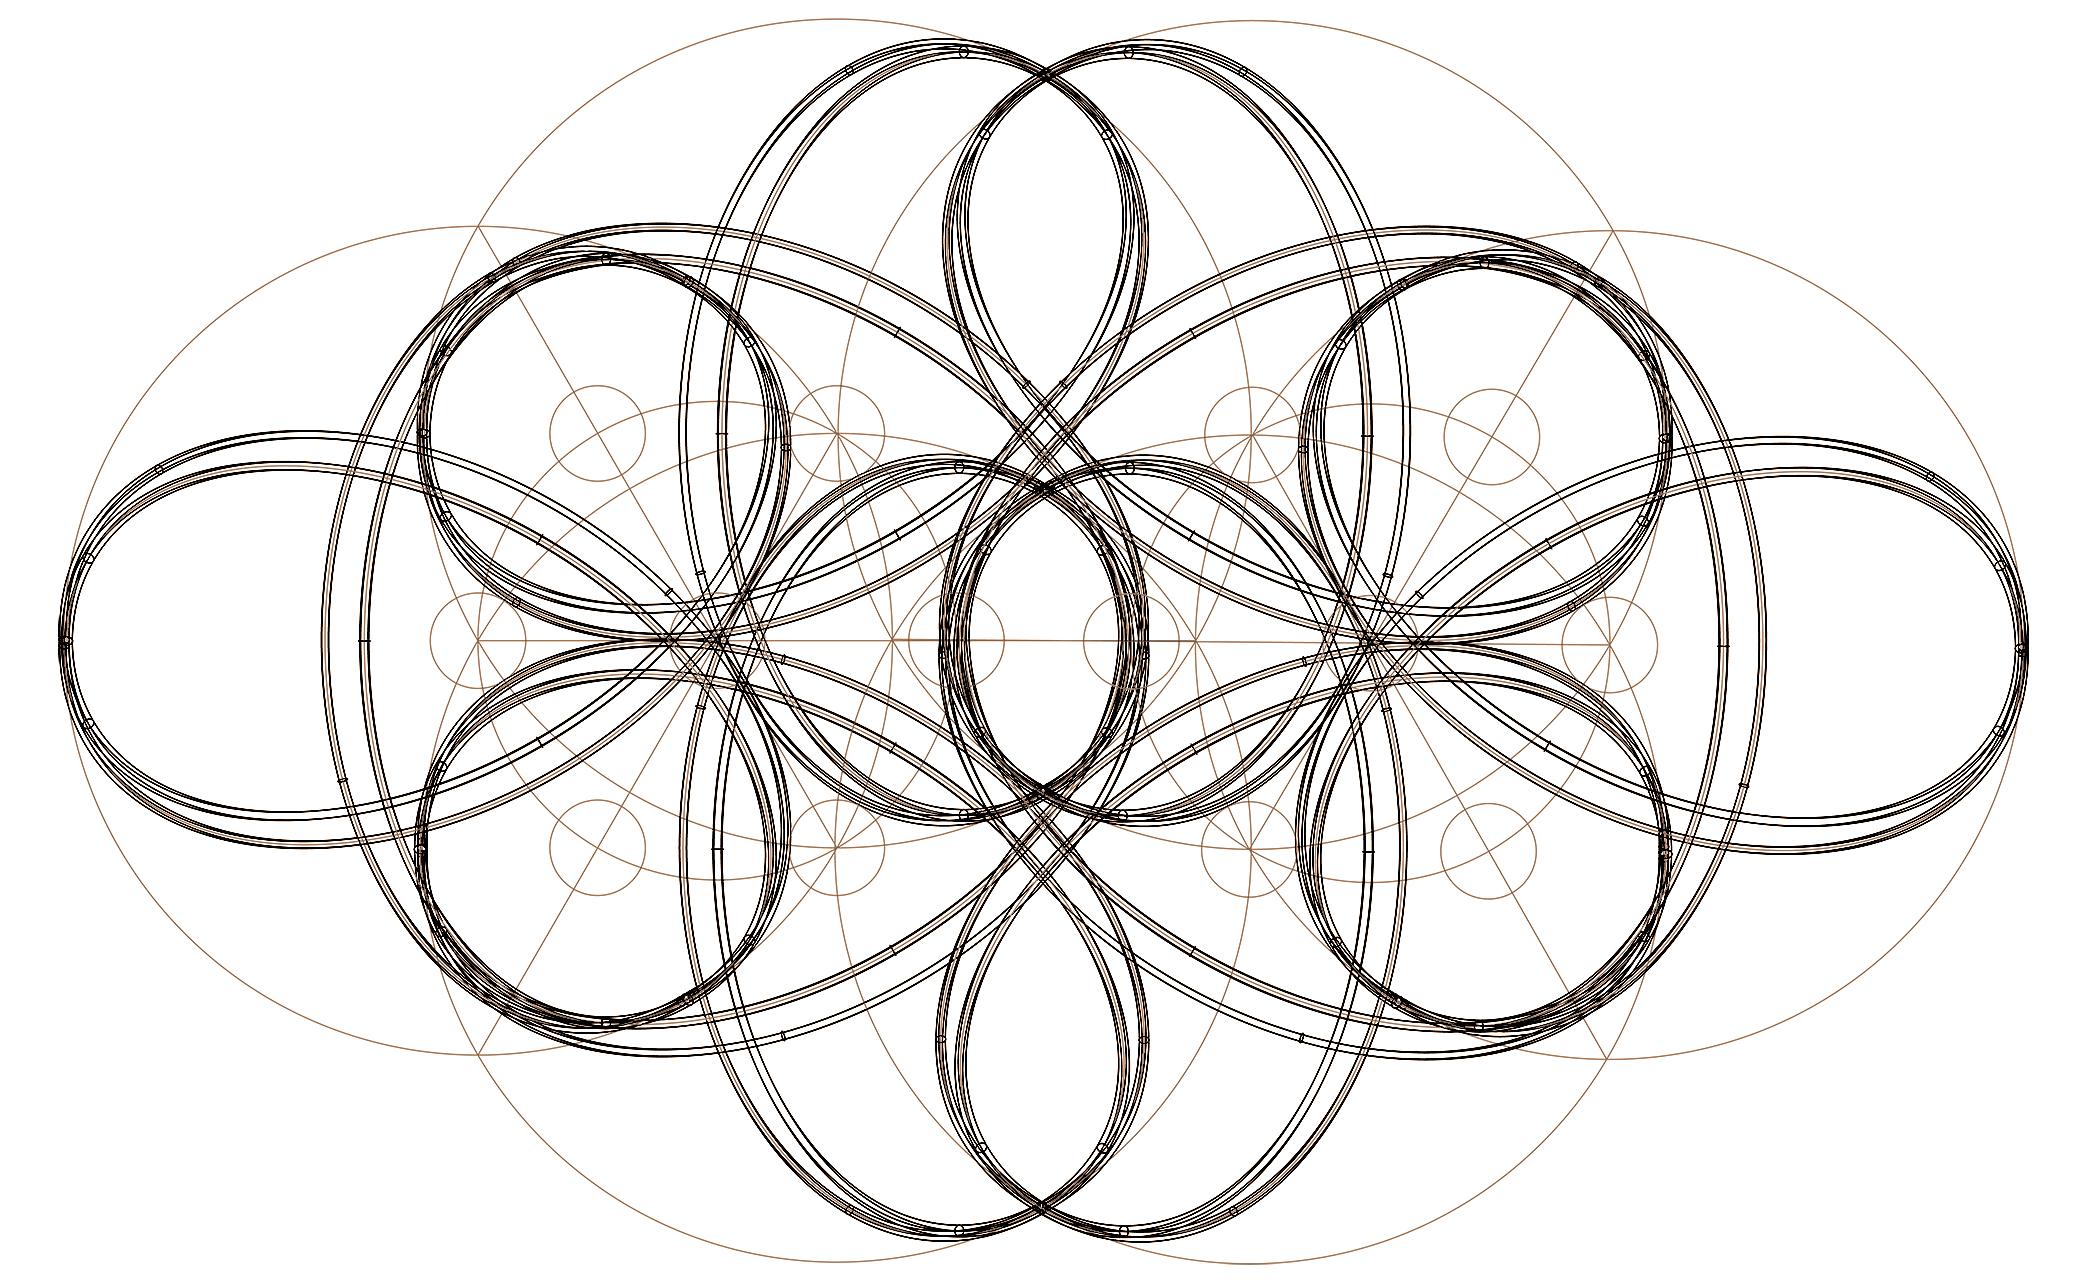 toroide fractal-Mode 2l.jpg